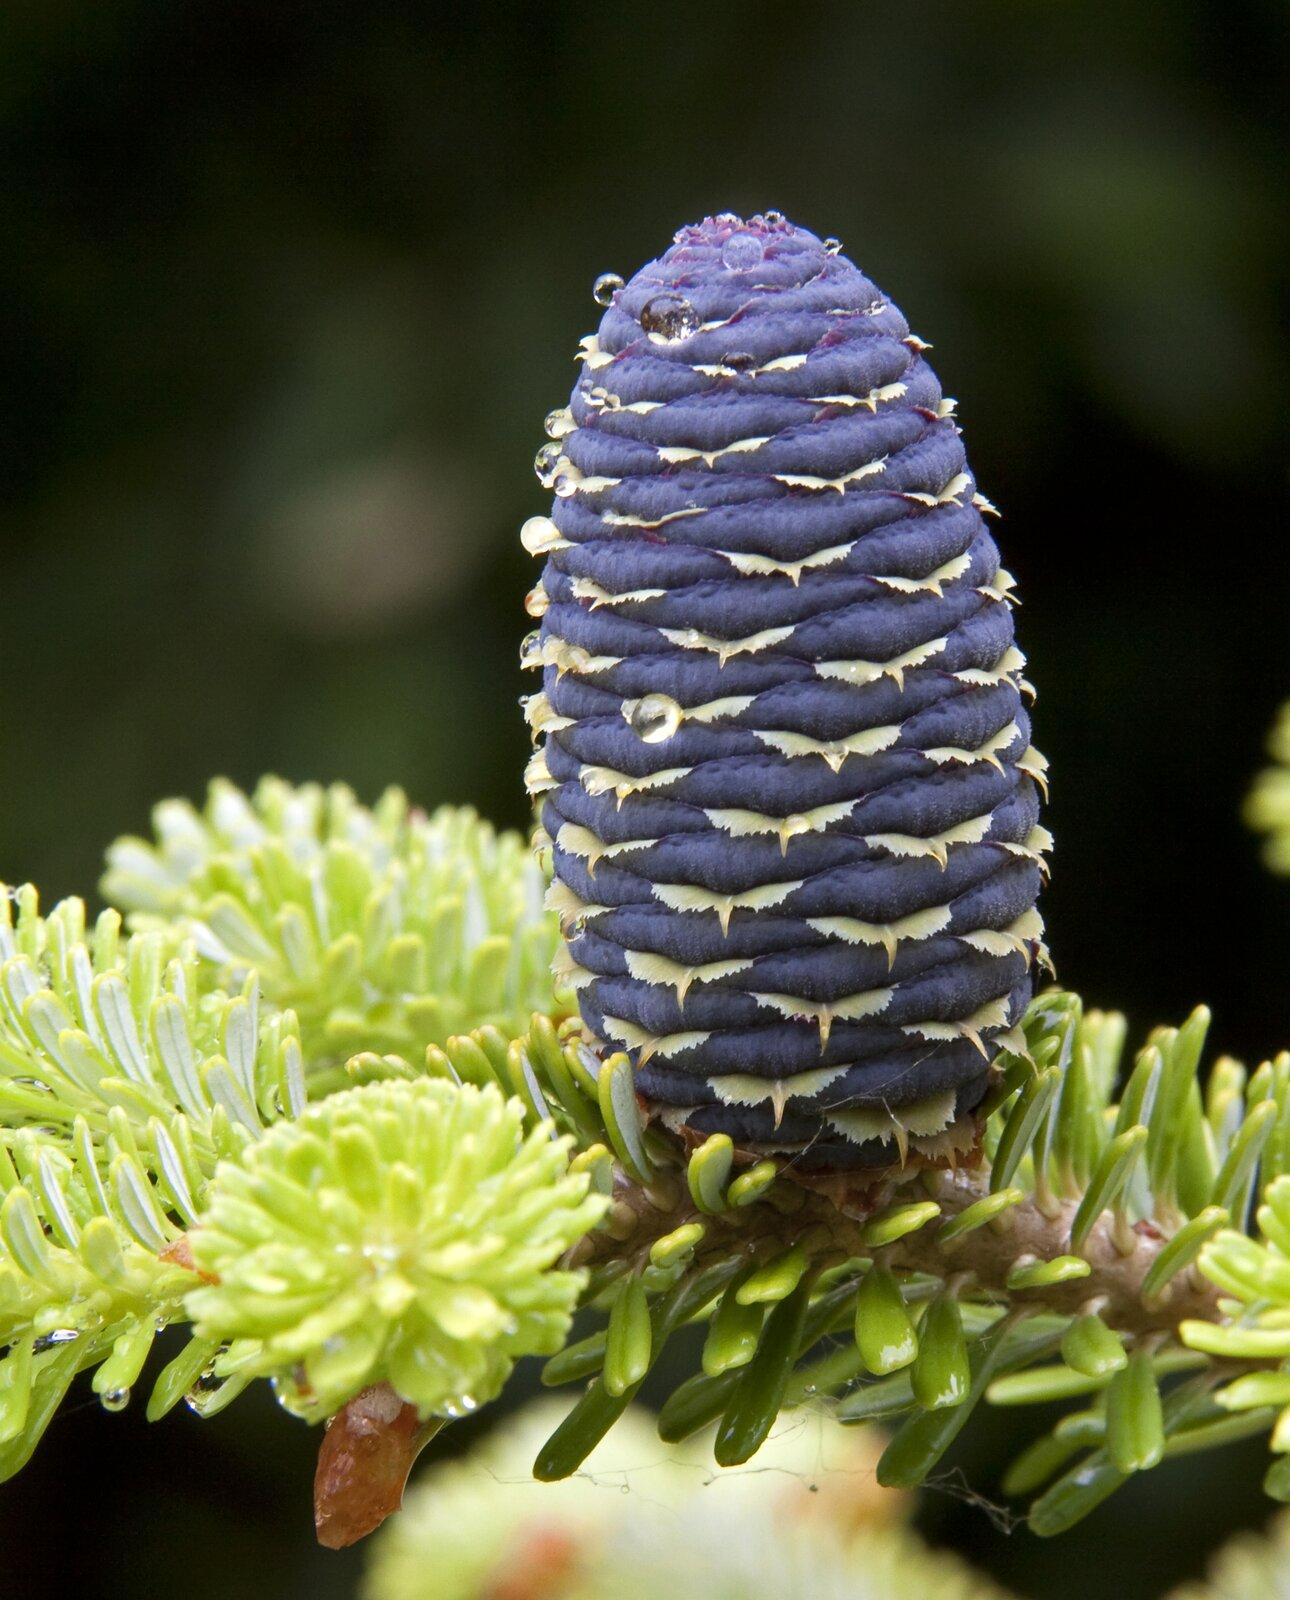 Fotografia prezentuje pęd jodły zjej fioletową szyszką rosnącą wgórę.